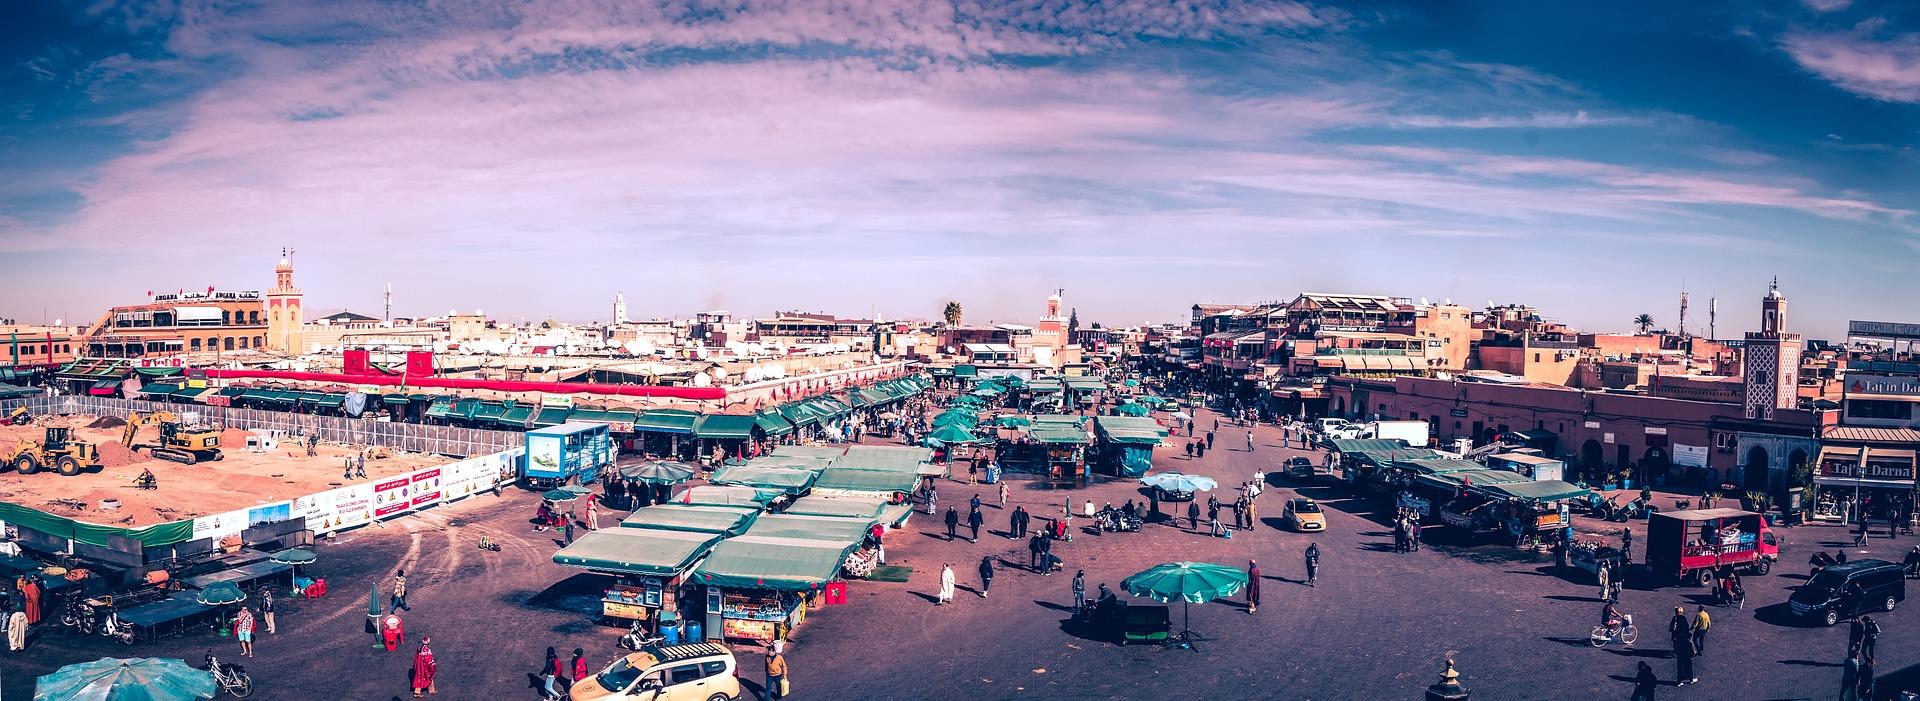 statistiques 2017 tourisme afrique